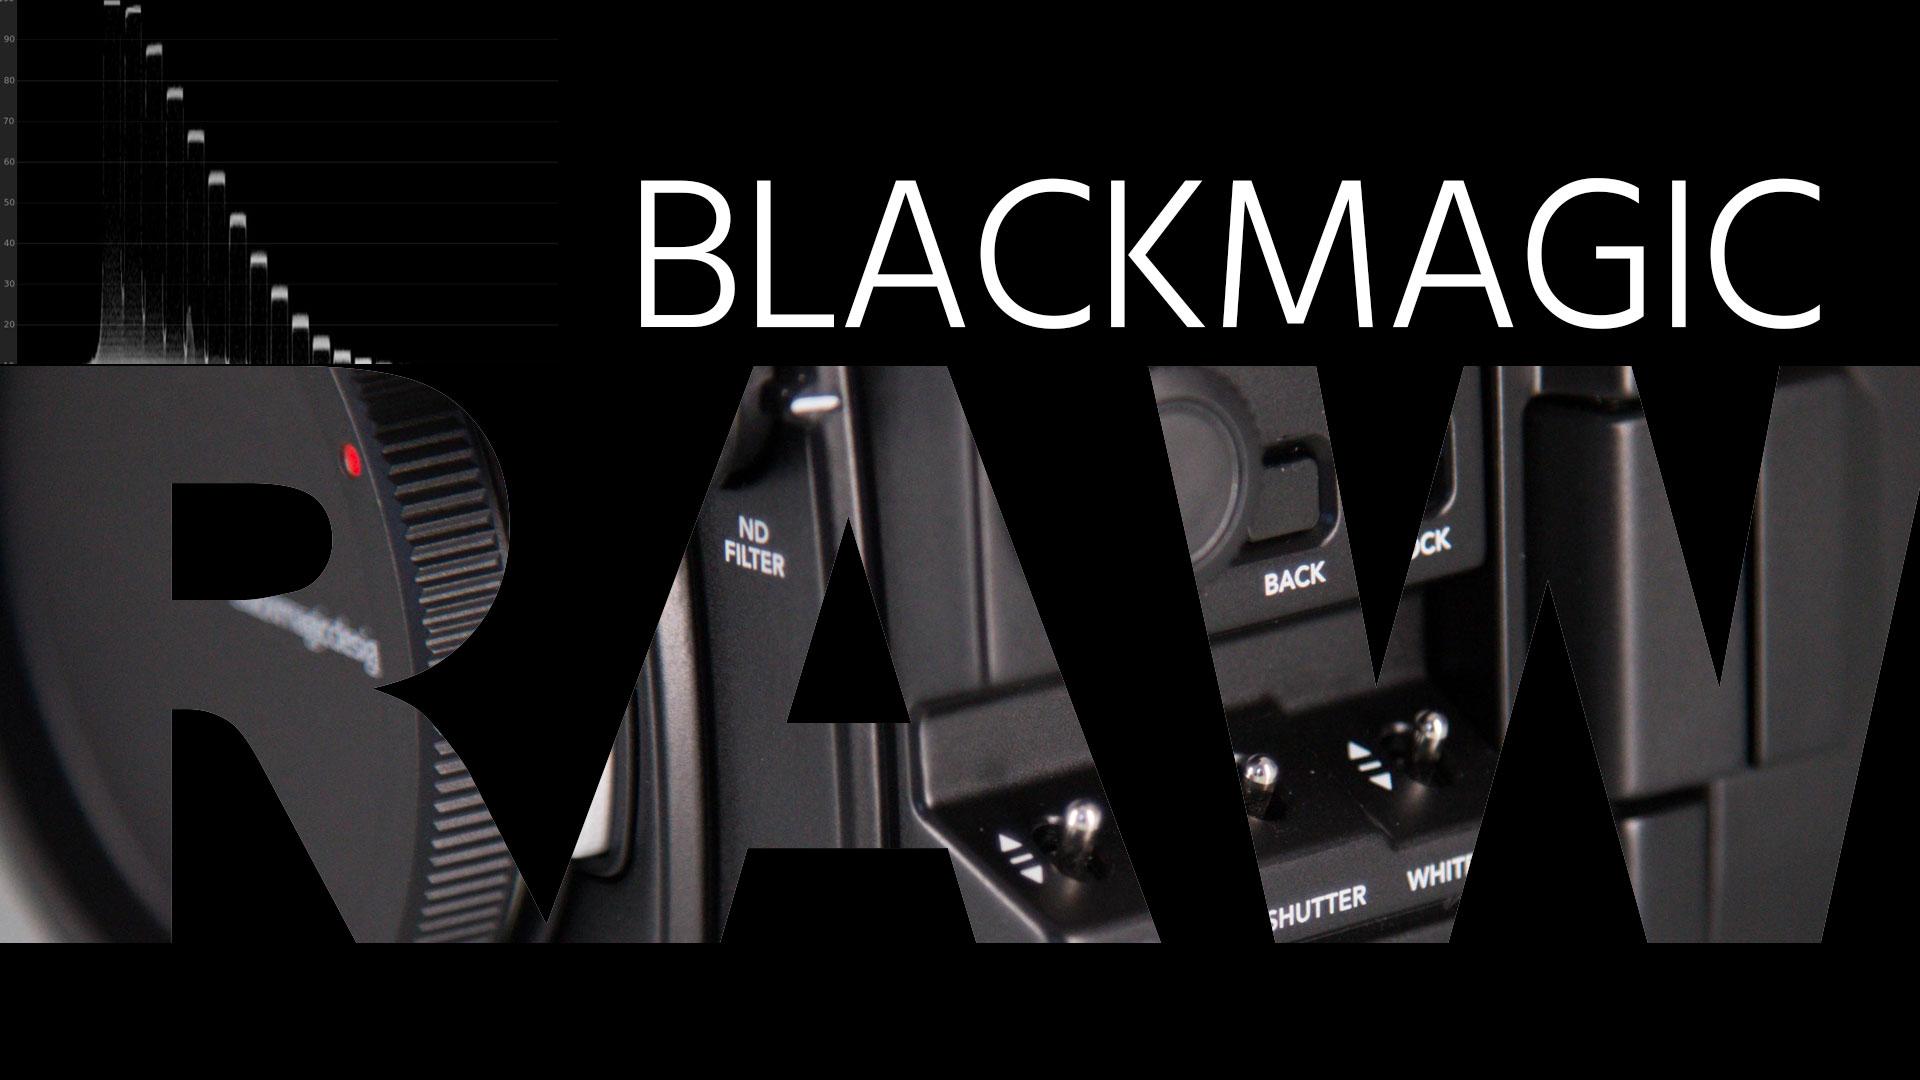 Blackmagic RAWのダイナミックレンジをテストする